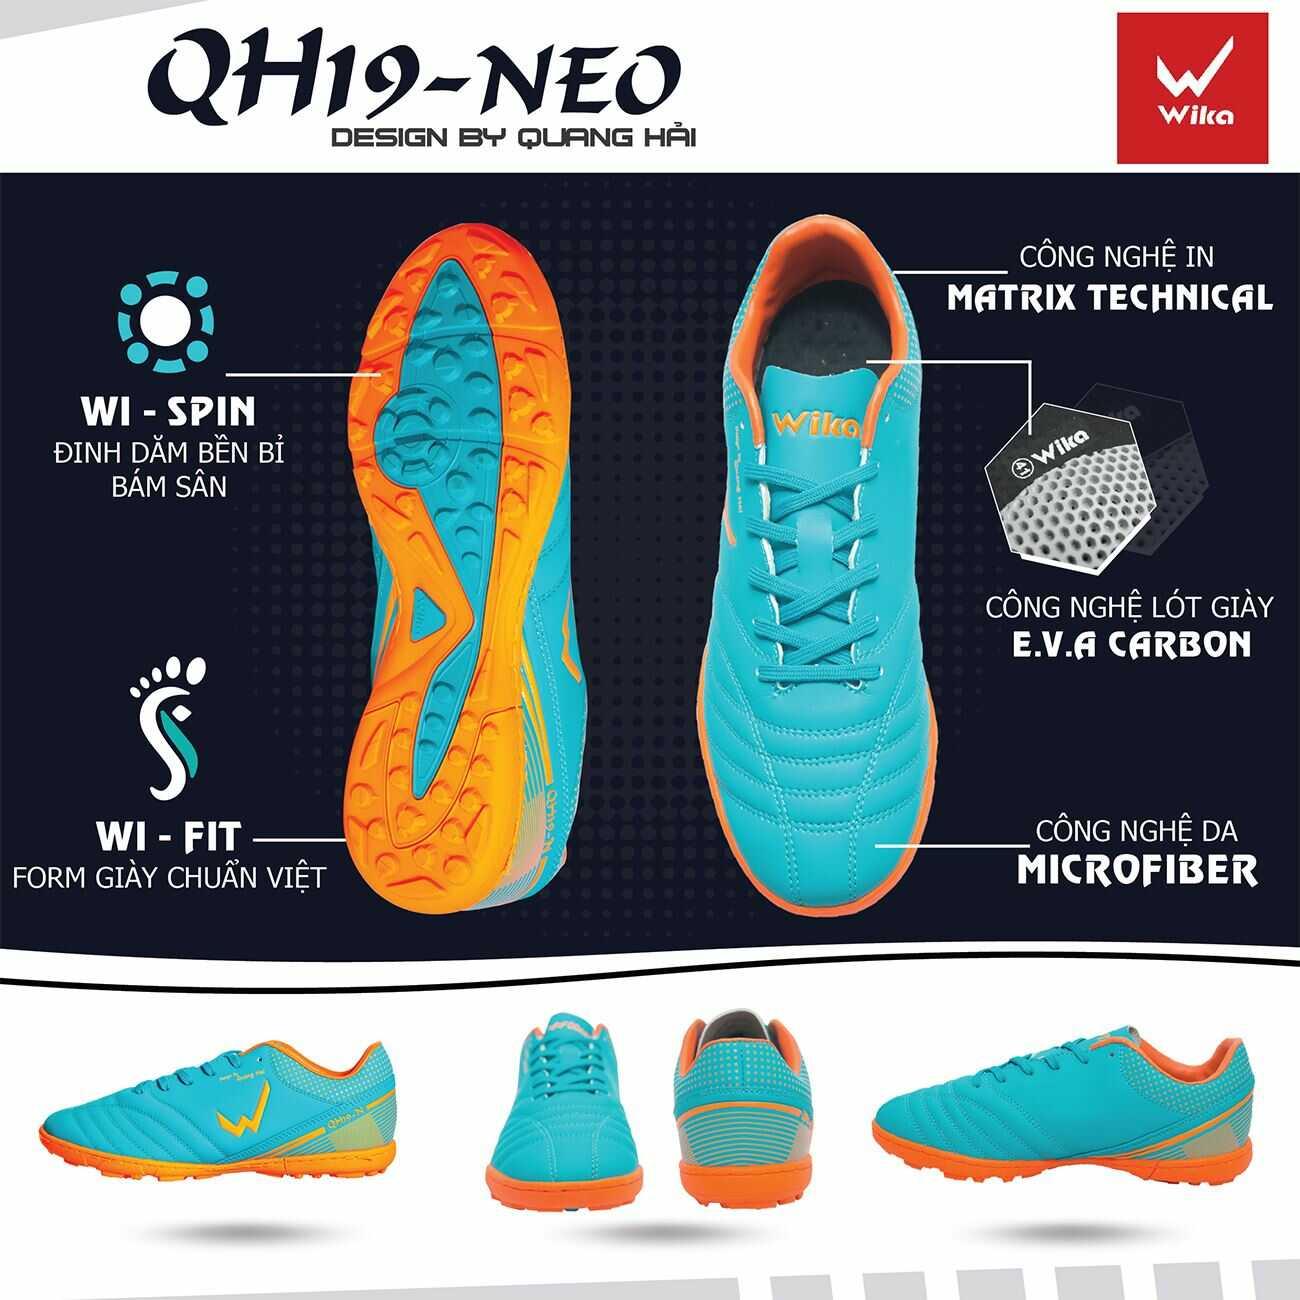 giay-the-thao-wika-qh19-neo-xanh-ngoc